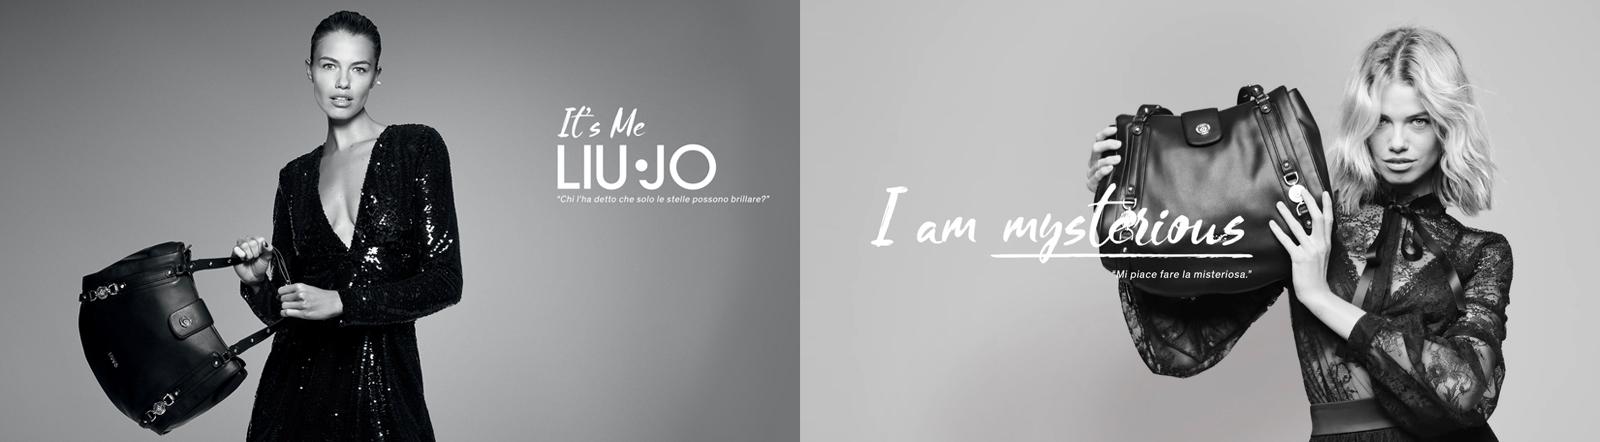 Braccialini Jo Online Cromia Furla Firmate Borse Vendita Liu wAvxfqU7p